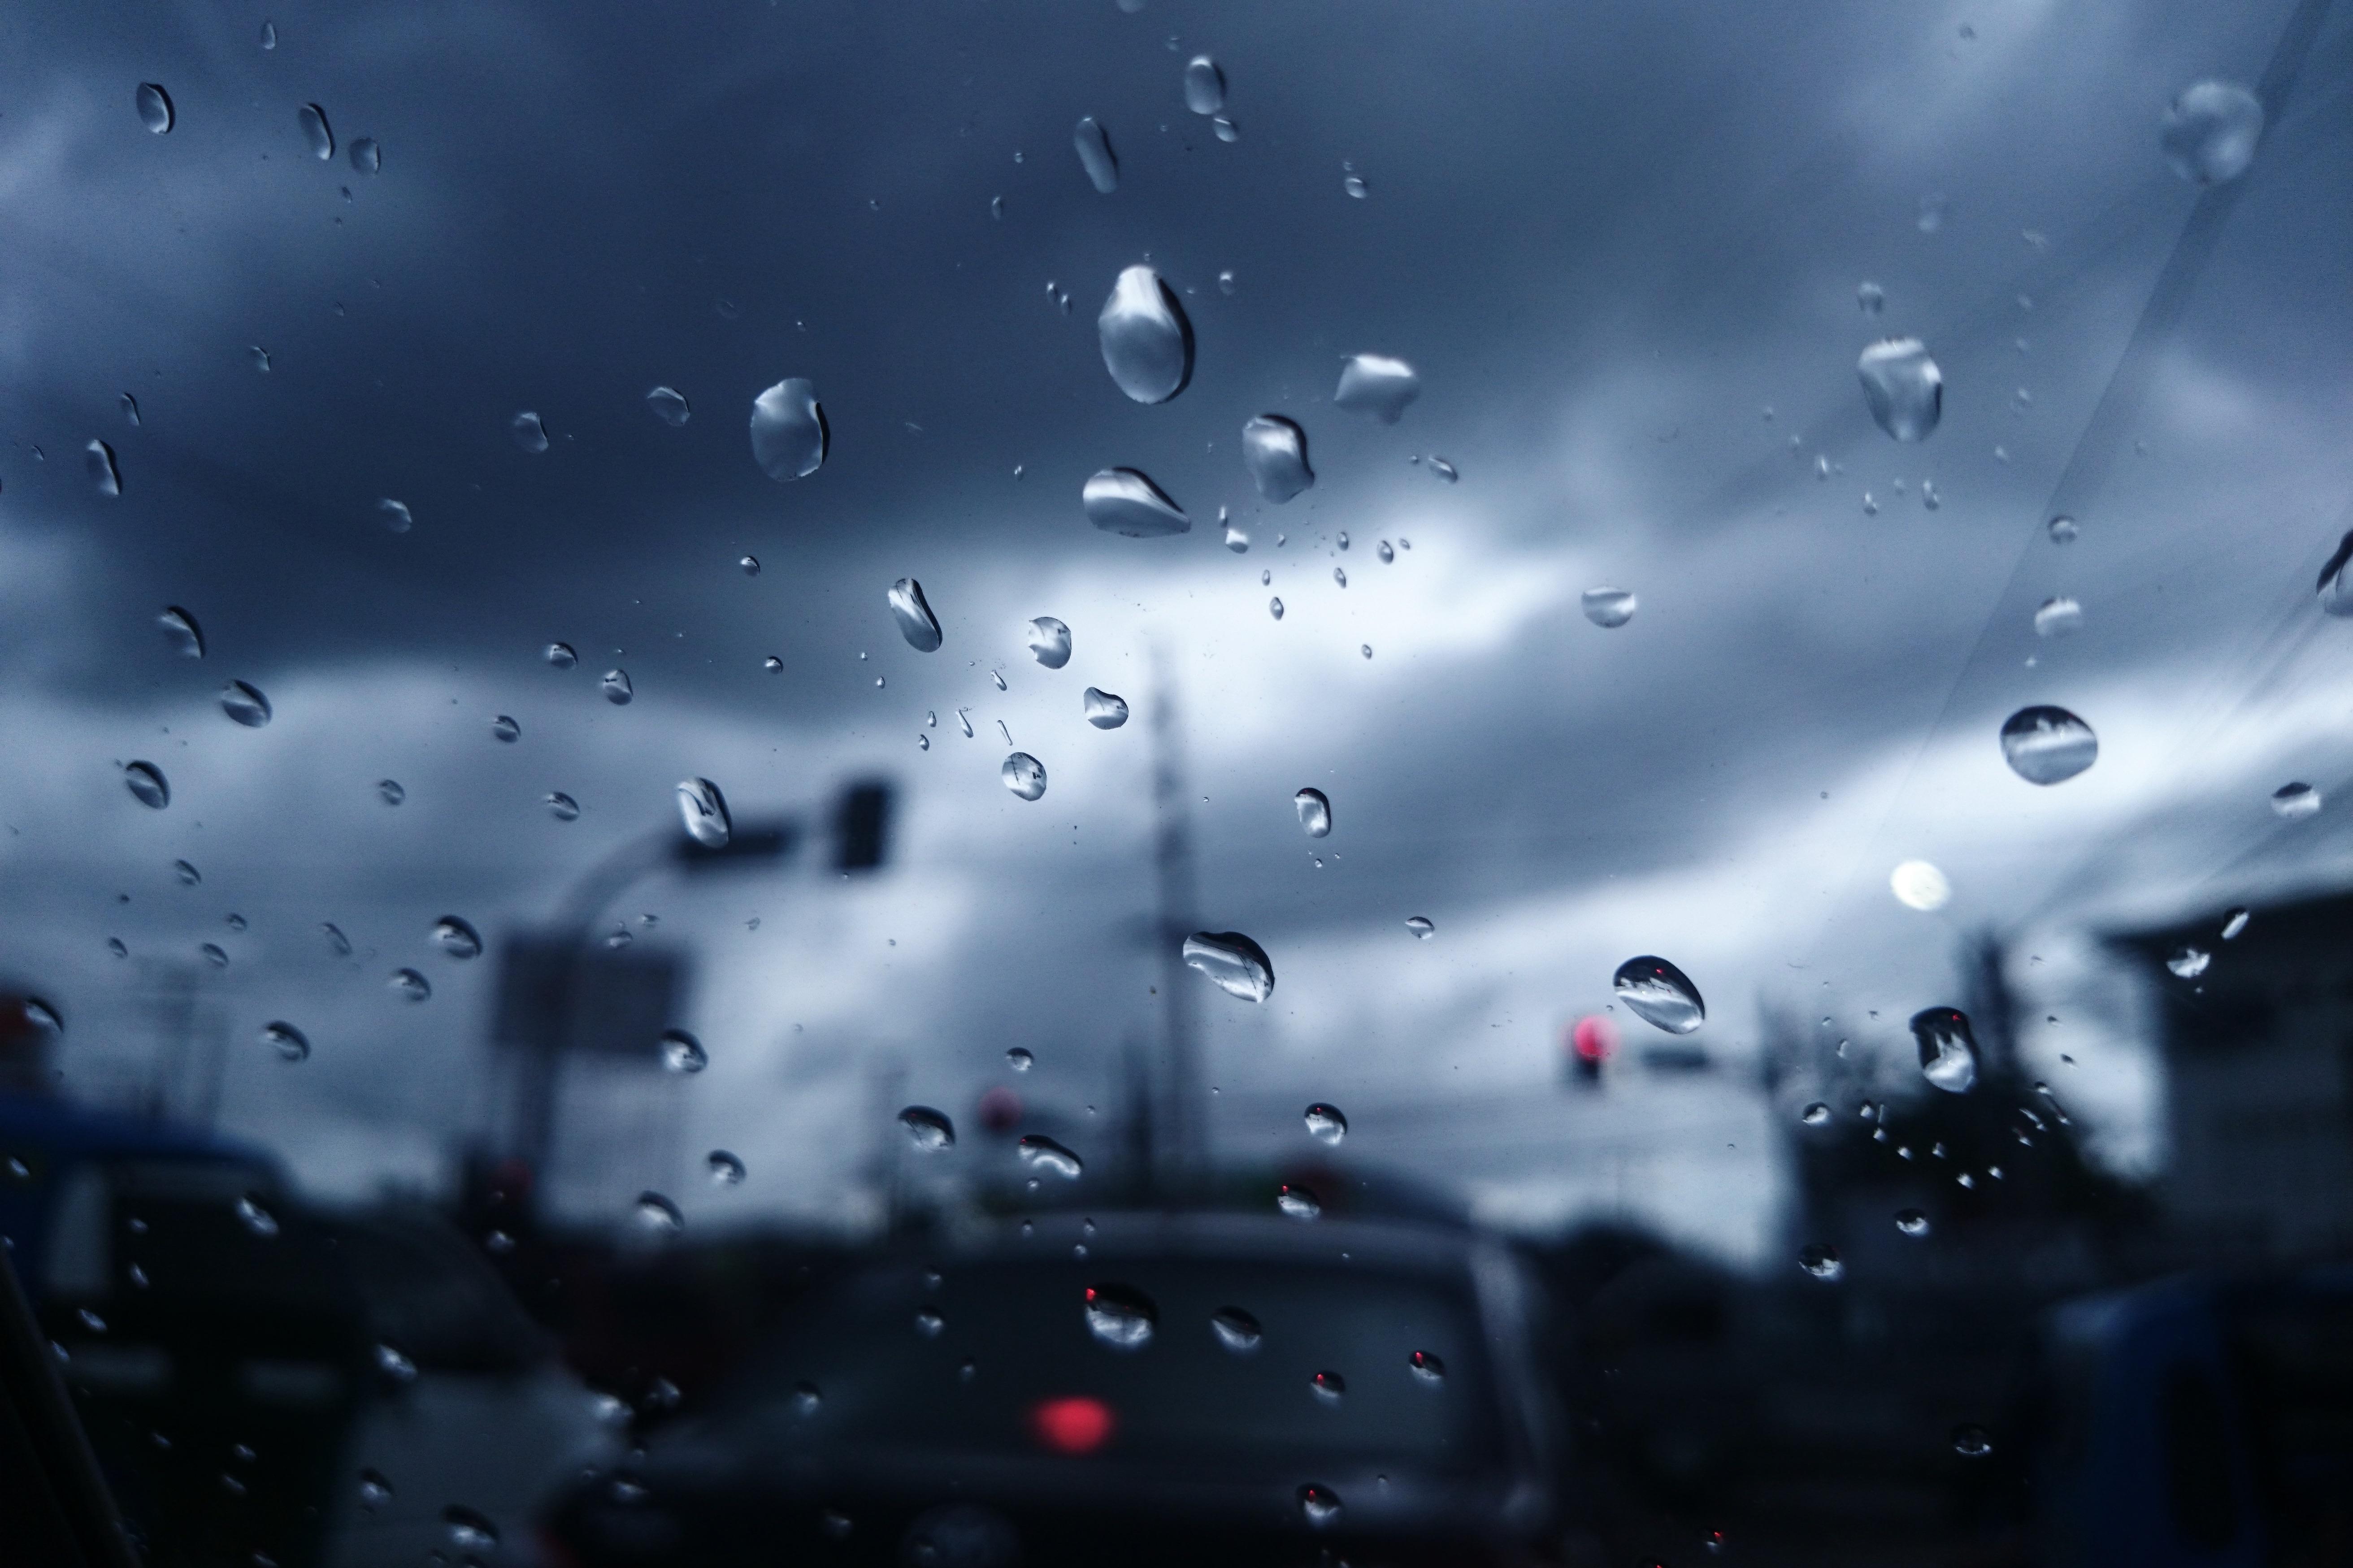 основе картинки на телефон пасмурная погода чего начал проявлять